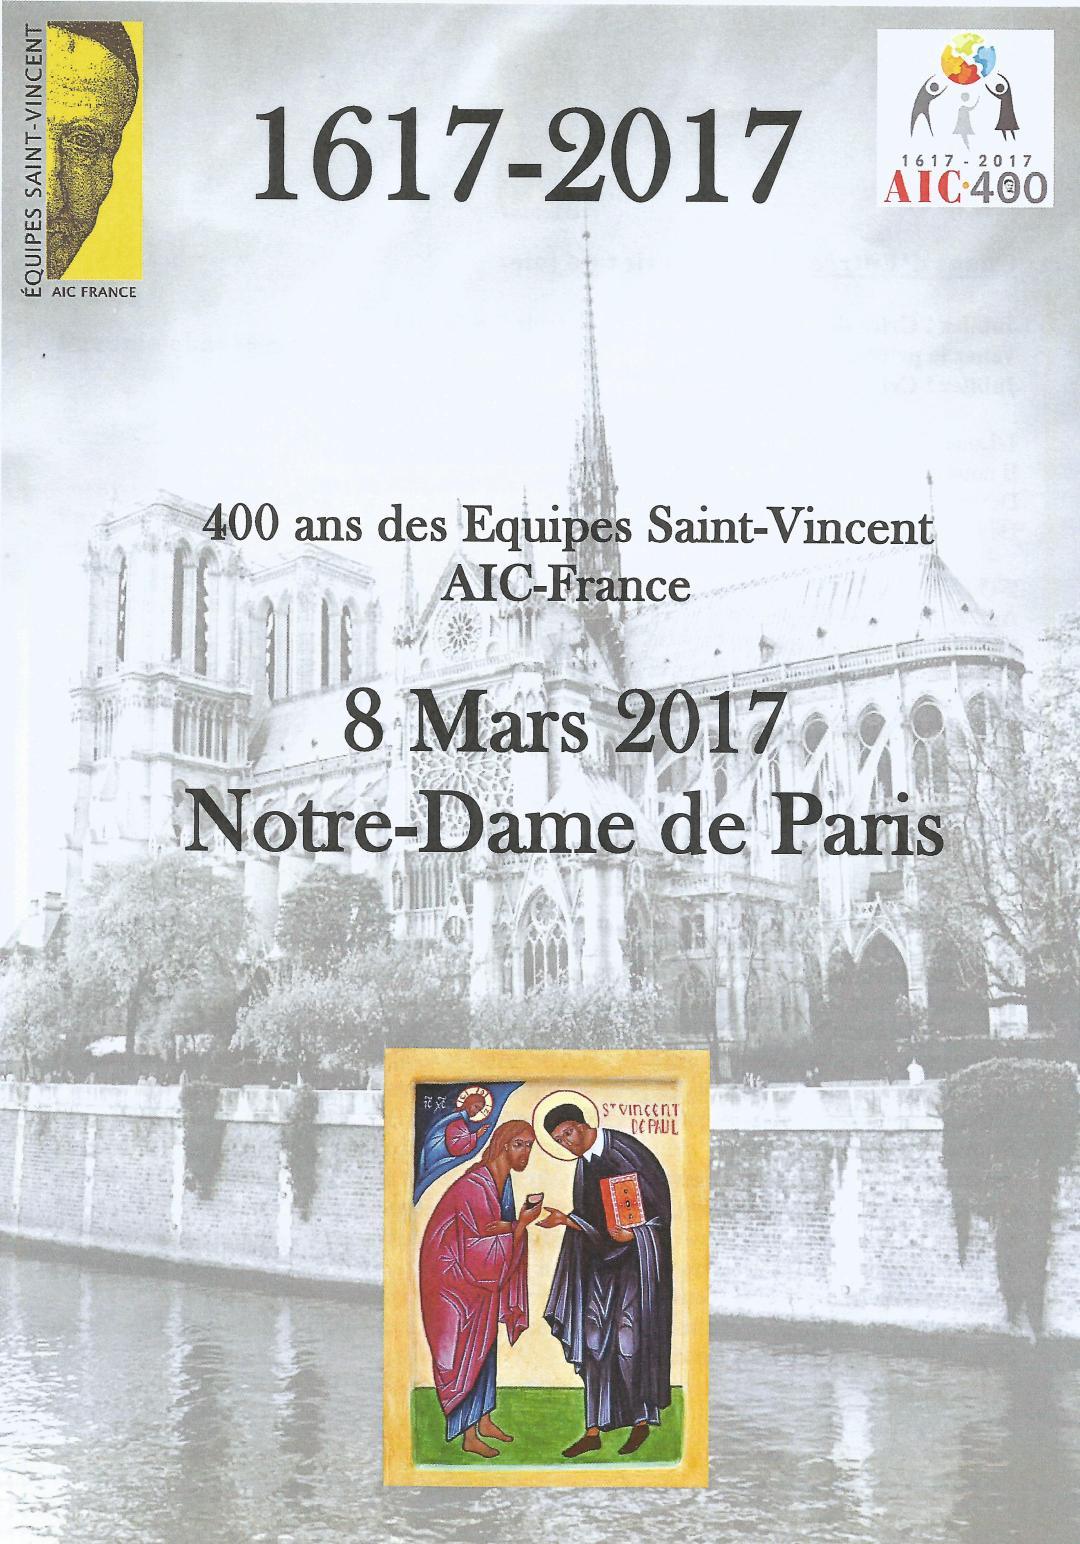 Messe des 400 ans des Equipes Saint Vincent «AIC-France»